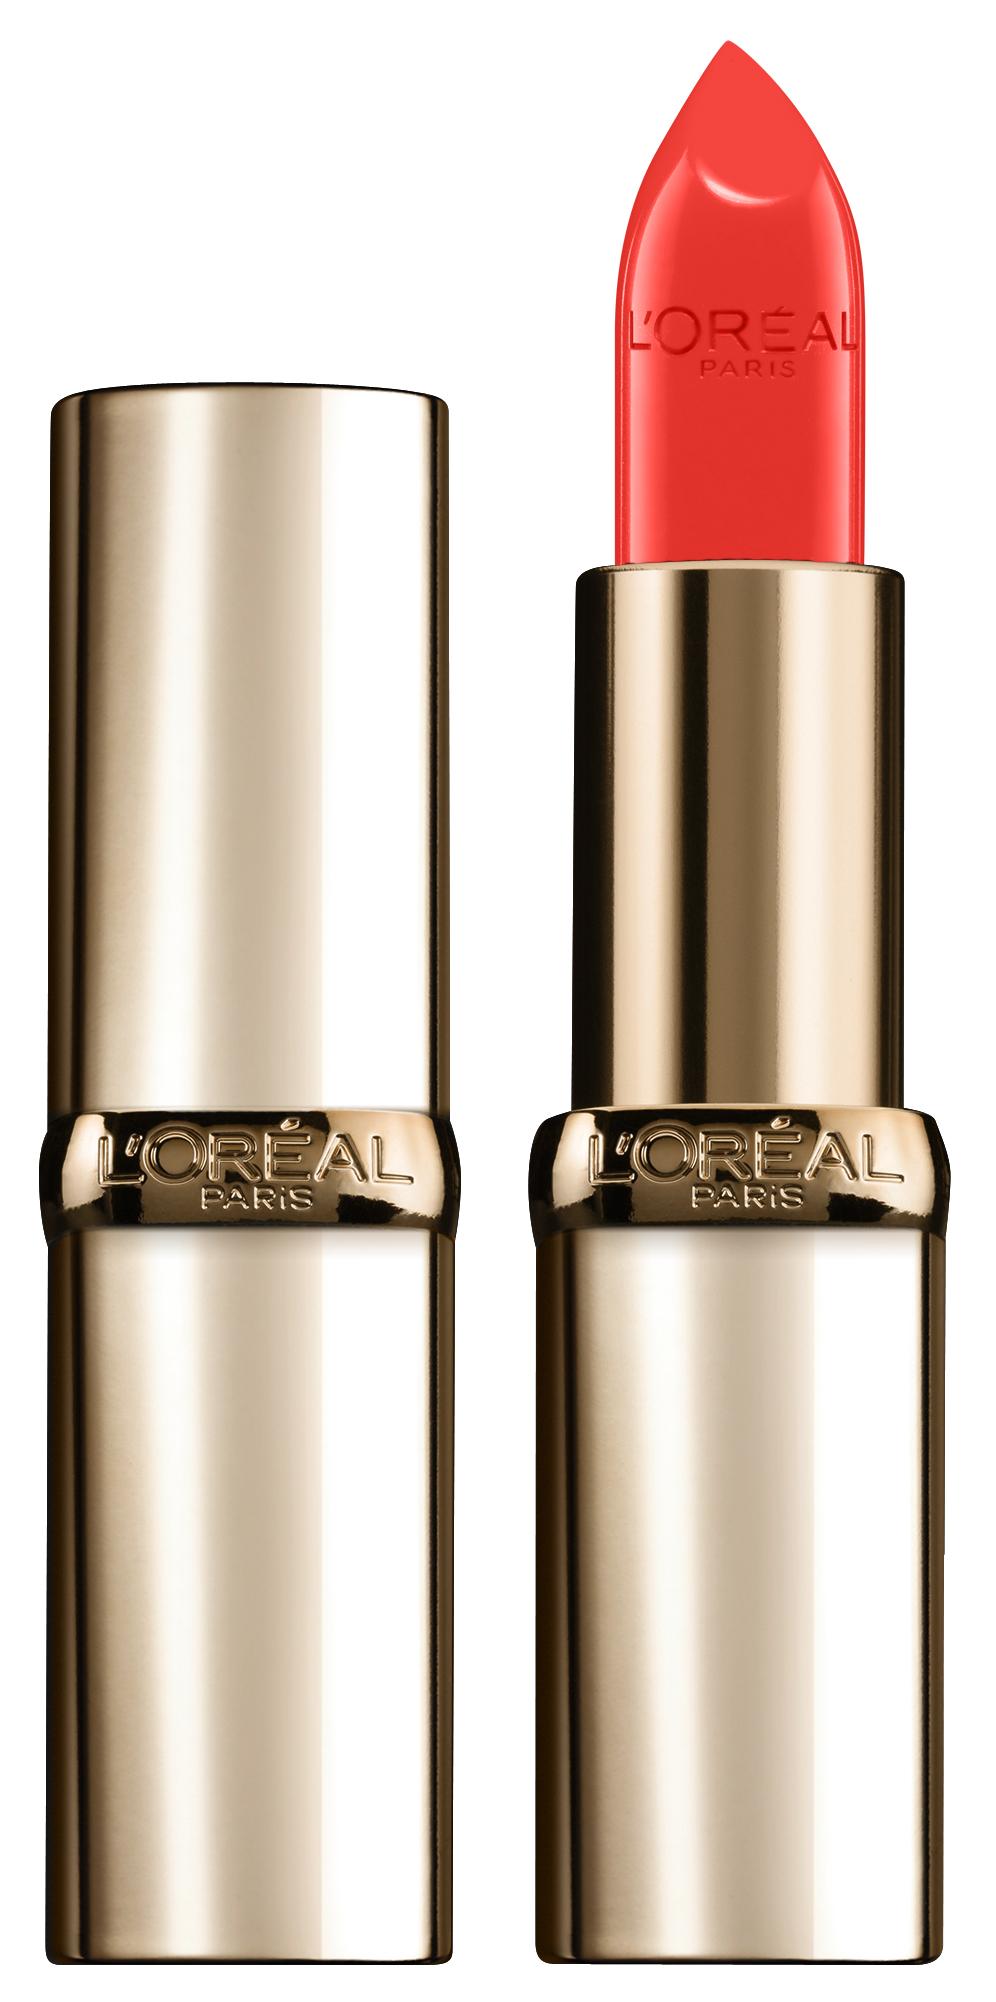 L'Oreal Color Riche Serum Lipstick - 373 Magnetic Coral